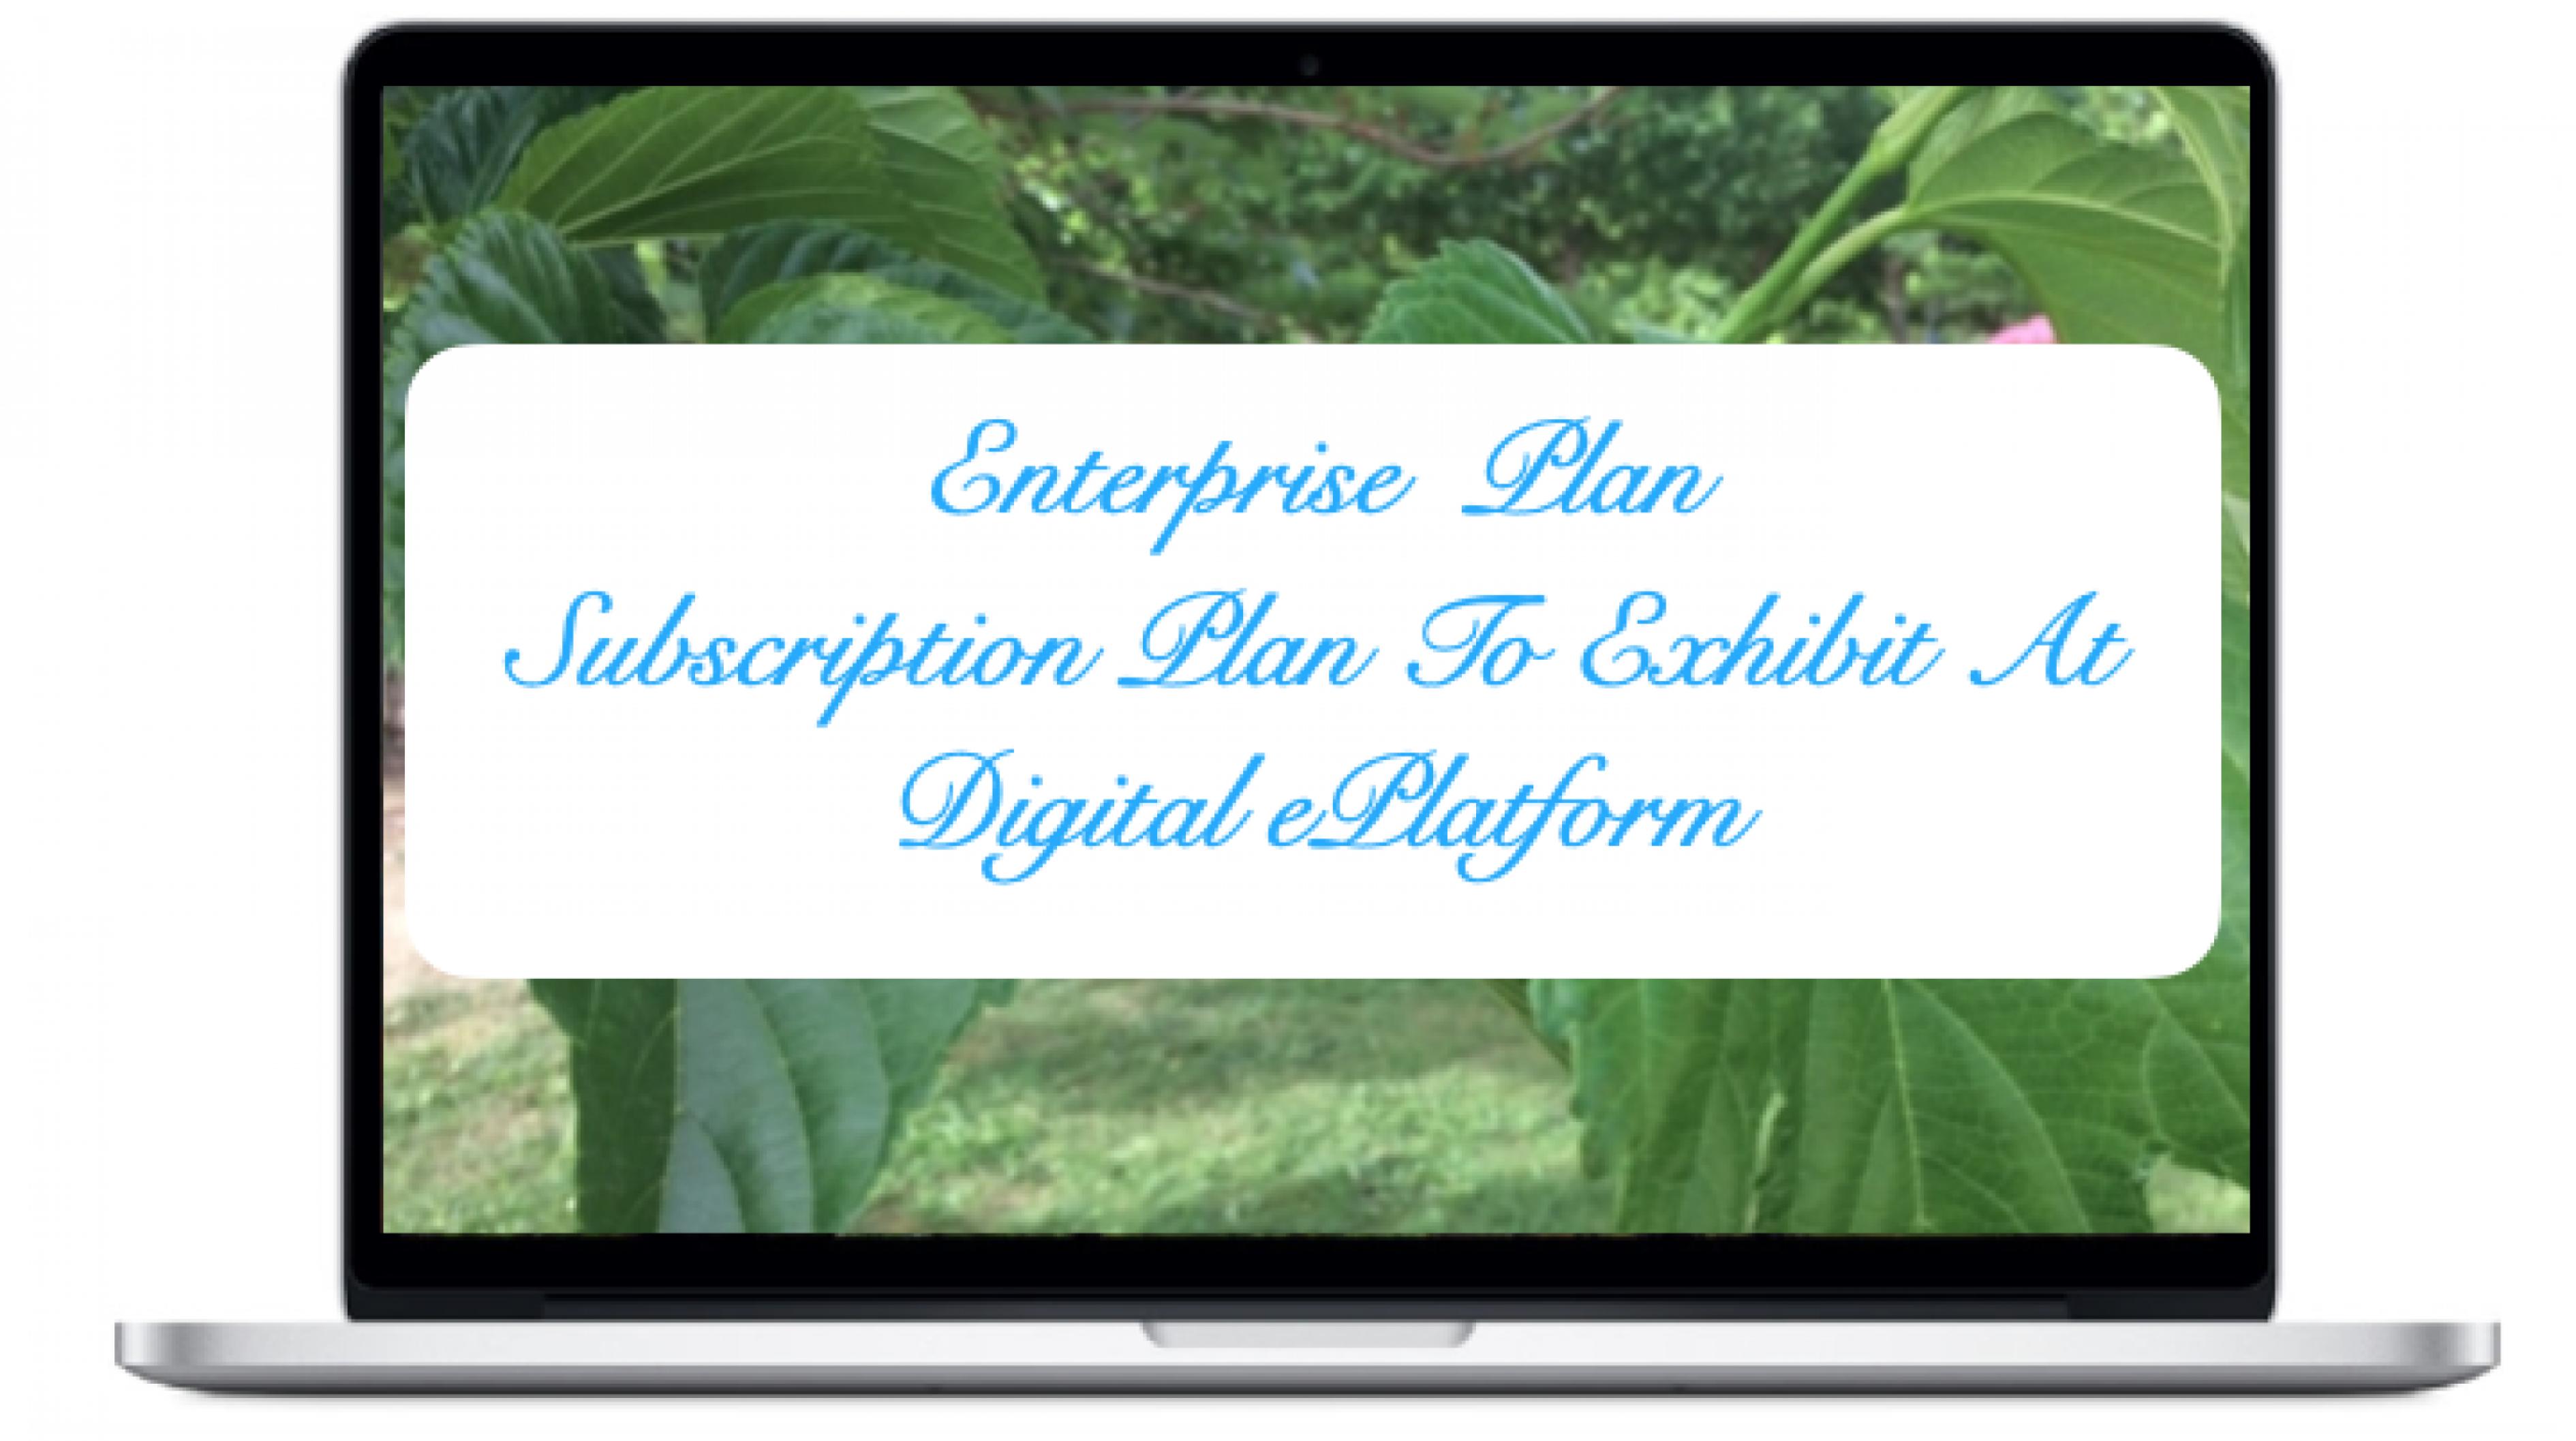 enterprise-subscription-plan-to-exhibit-at-nirudi-digital-eplatform